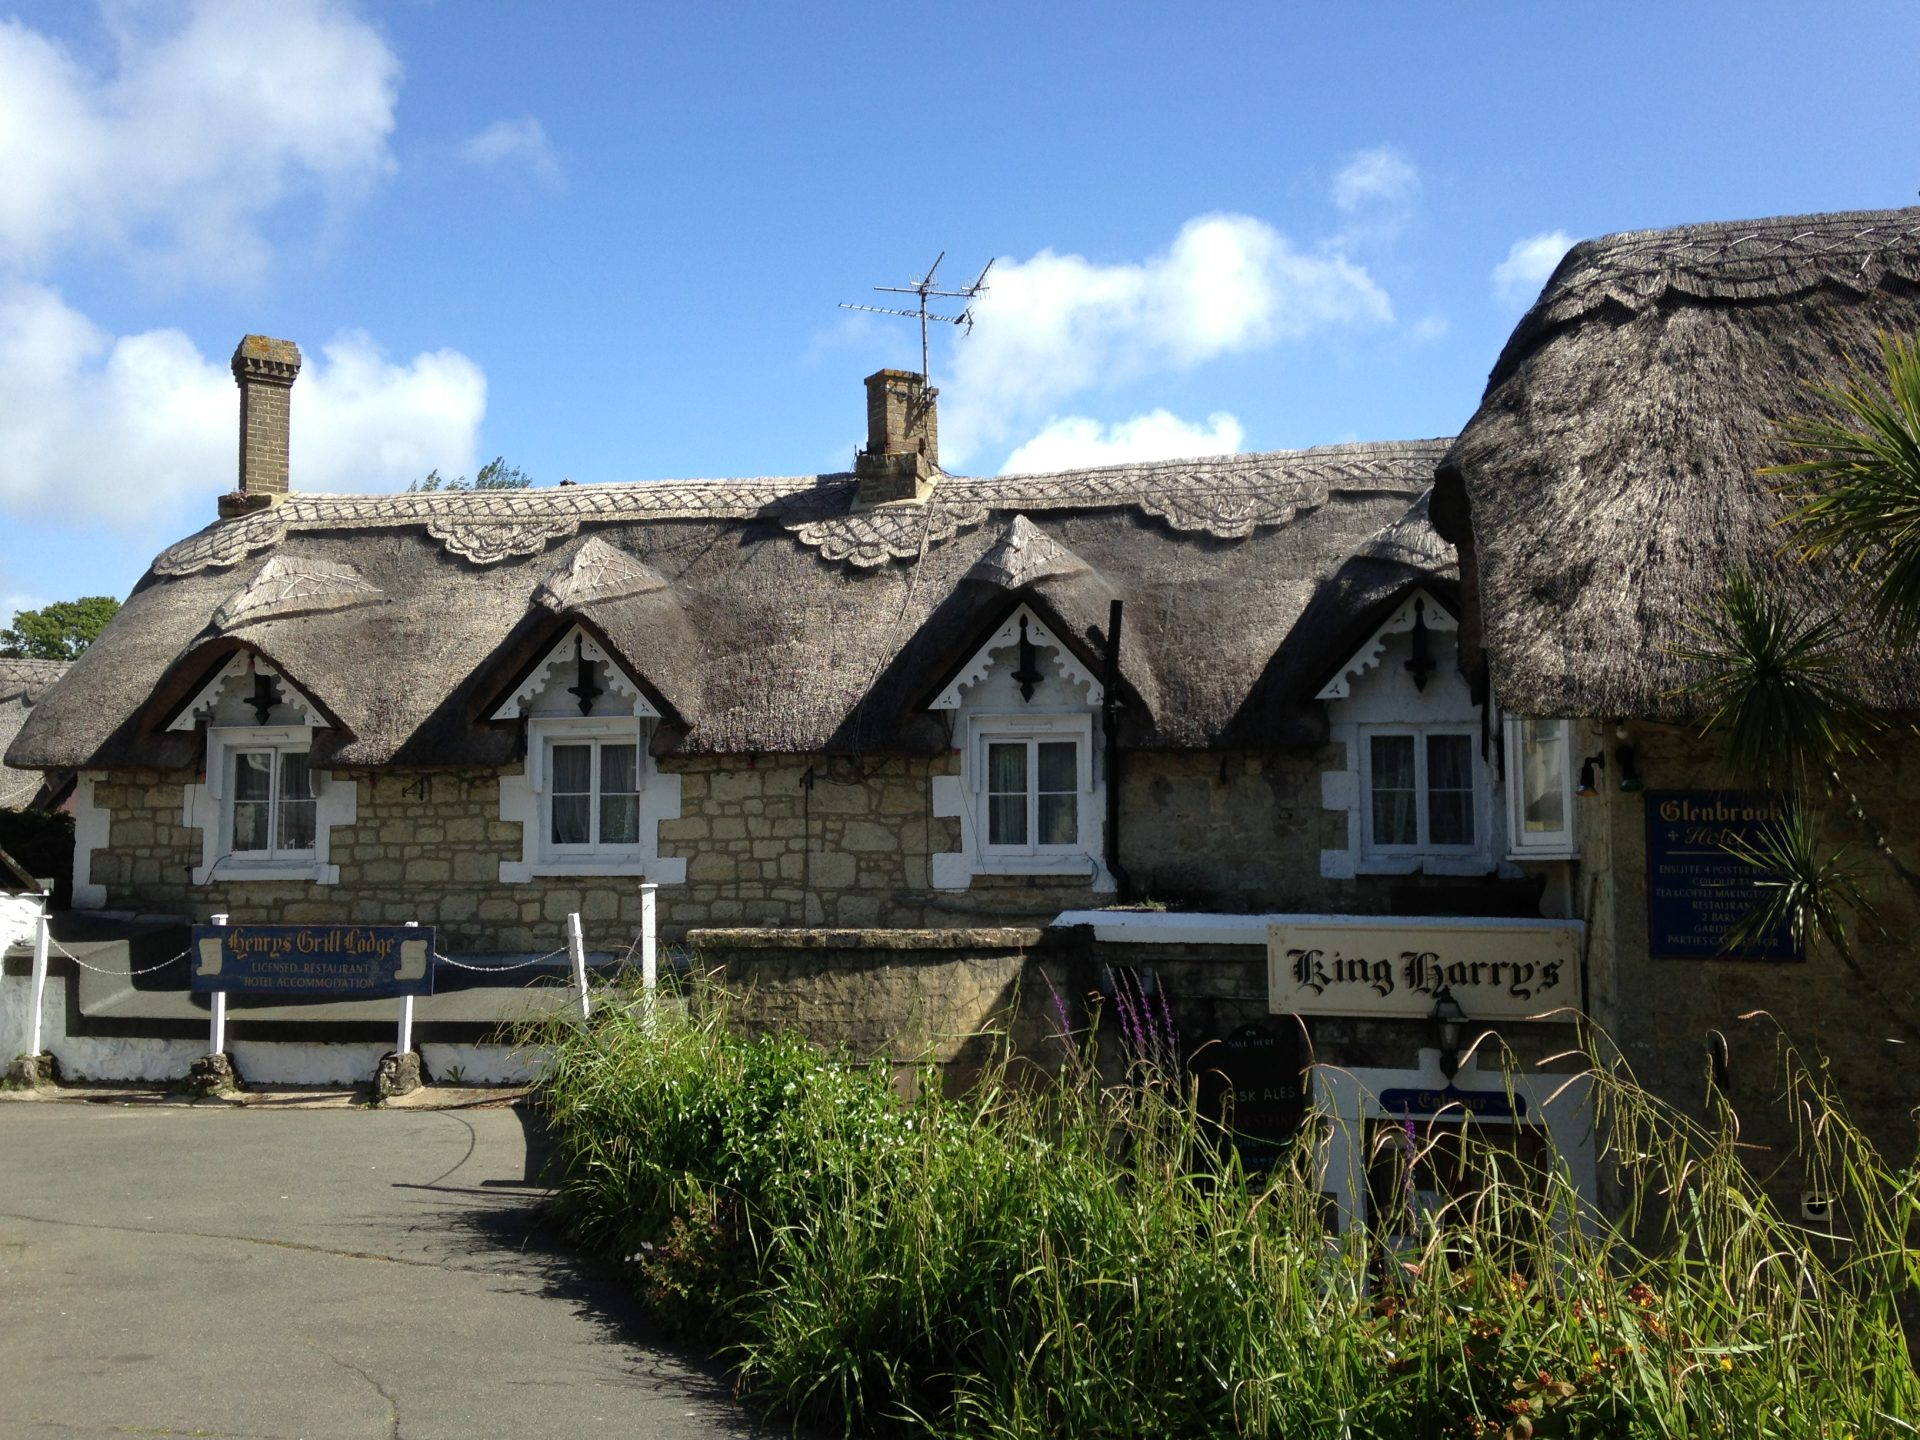 Ecco i tetti in paglia, foto di annovi